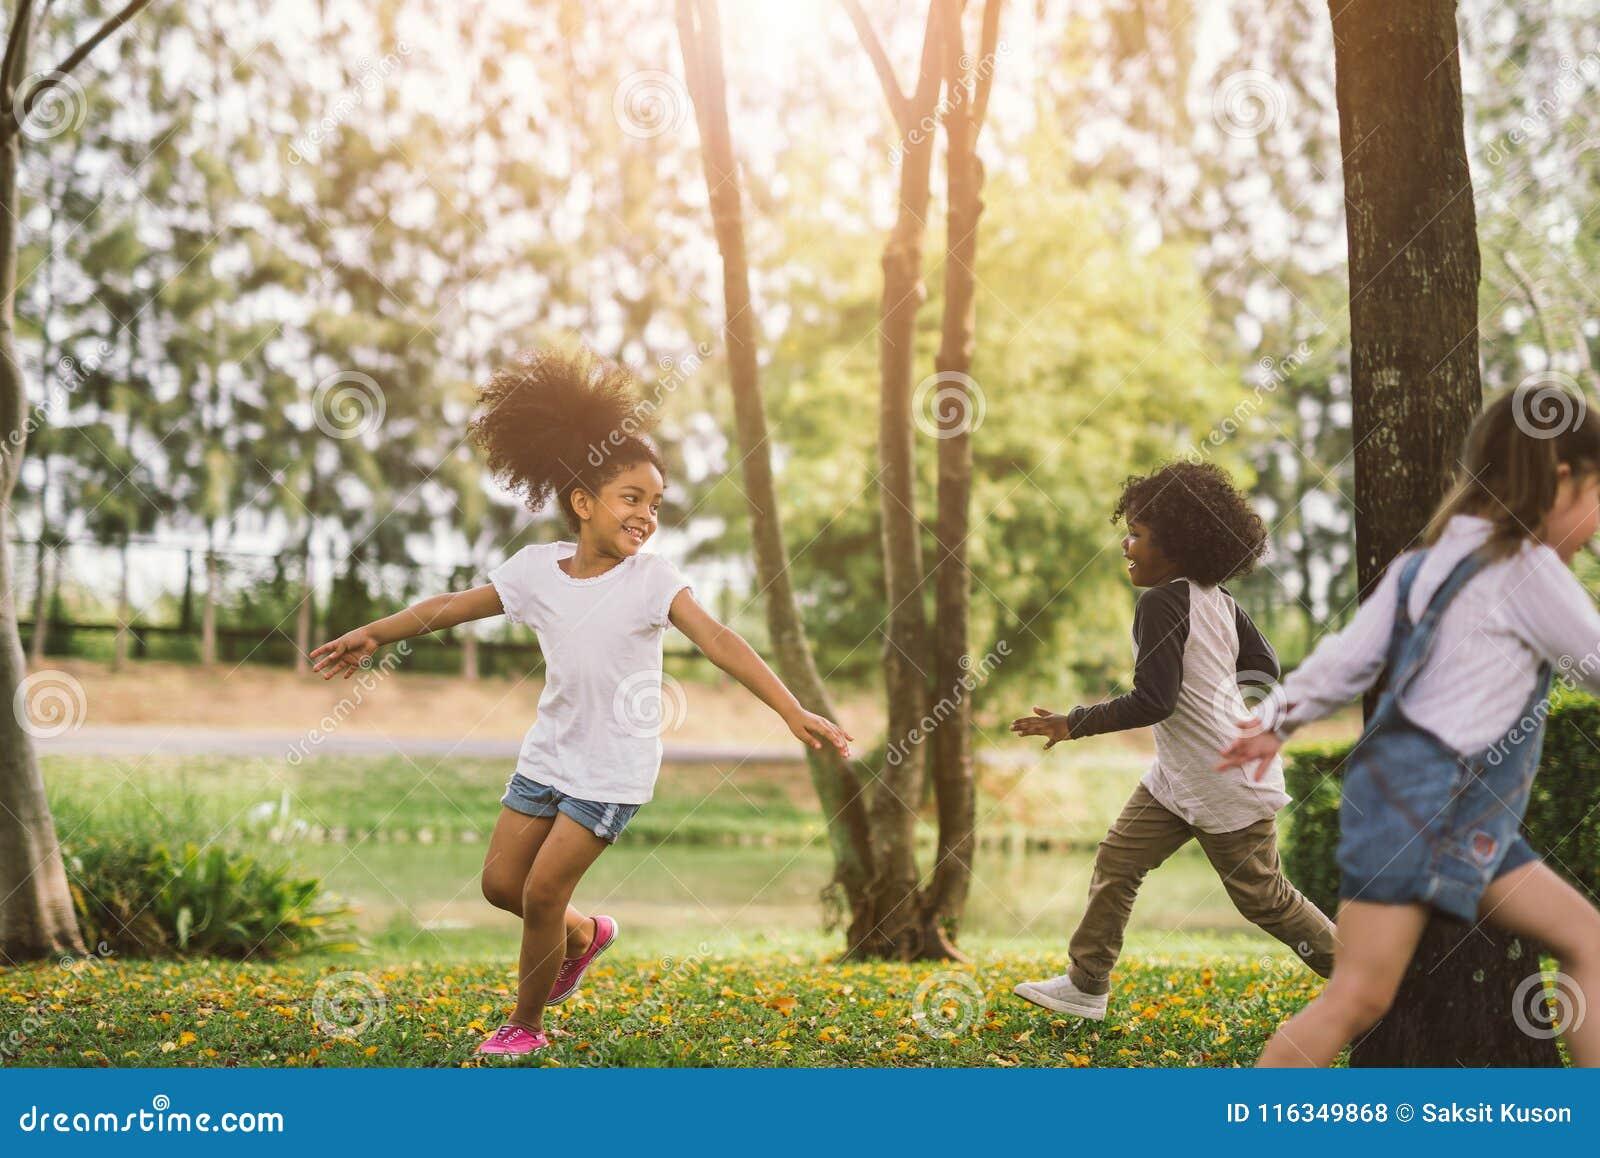 Χαριτωμένο παιχνίδι μικρών κοριτσιών αφροαμερικάνων υπαίθριο